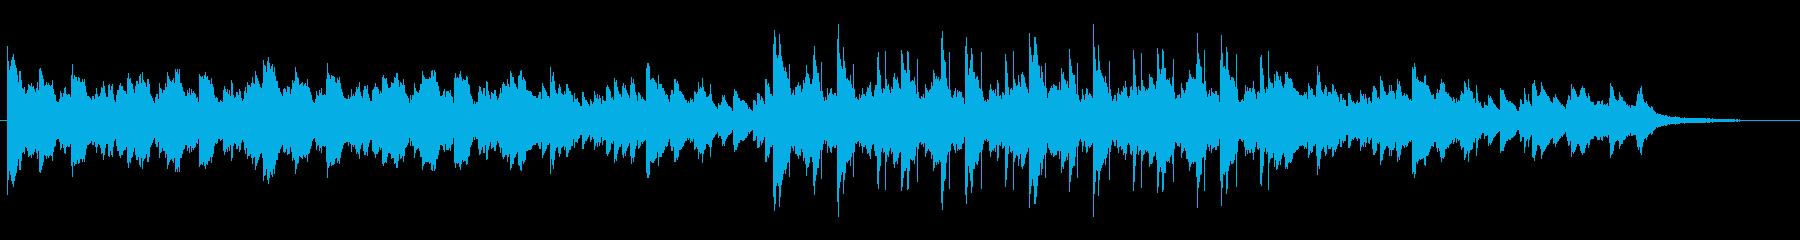 静けさのあるピアノバラードBGMの再生済みの波形